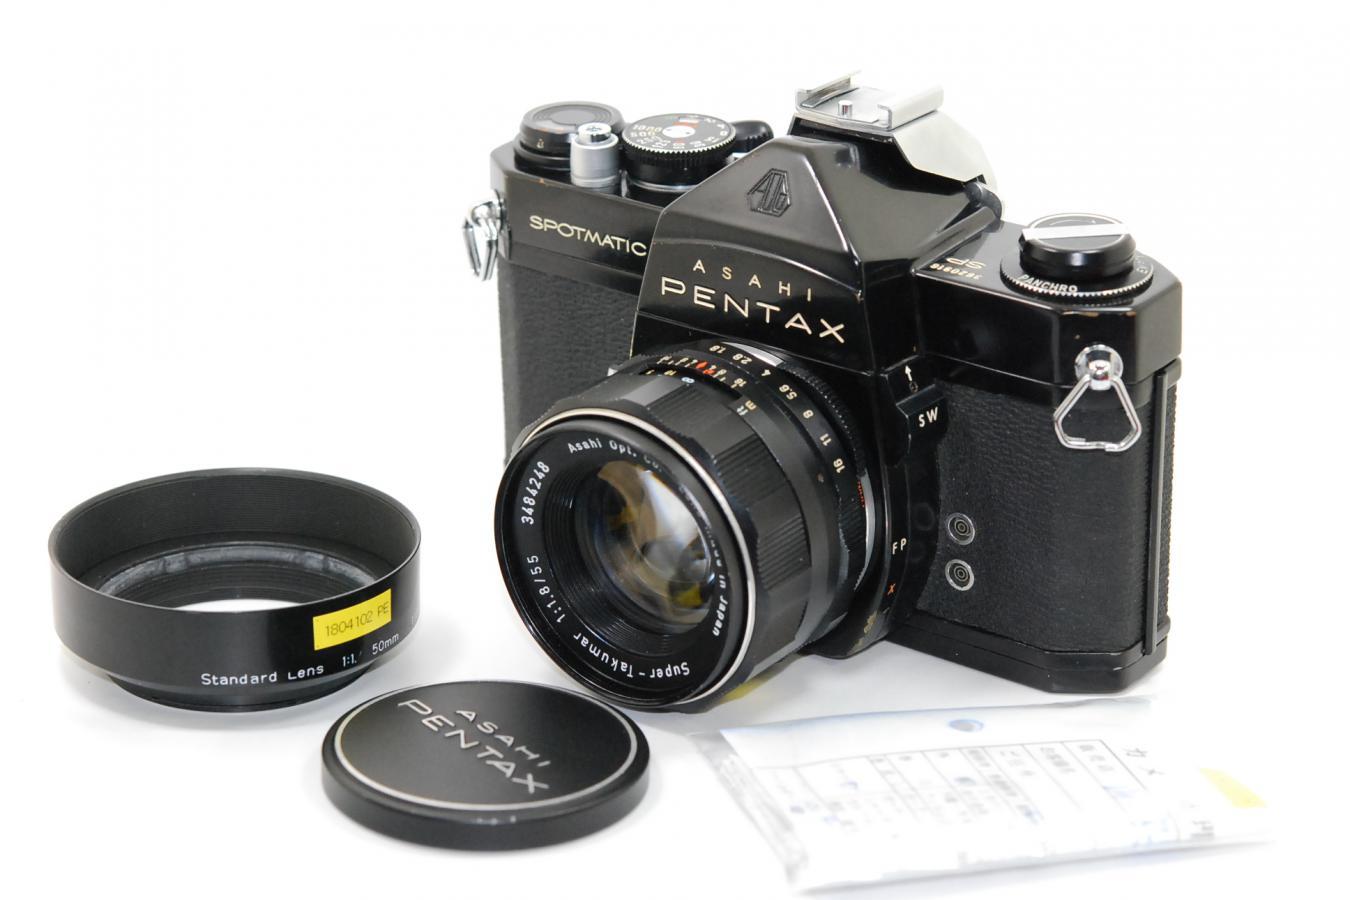 ペンタックス SP ブラック スーパータクマー55/1.8付 【整備済 純正フード、アクセサリーシュー付】